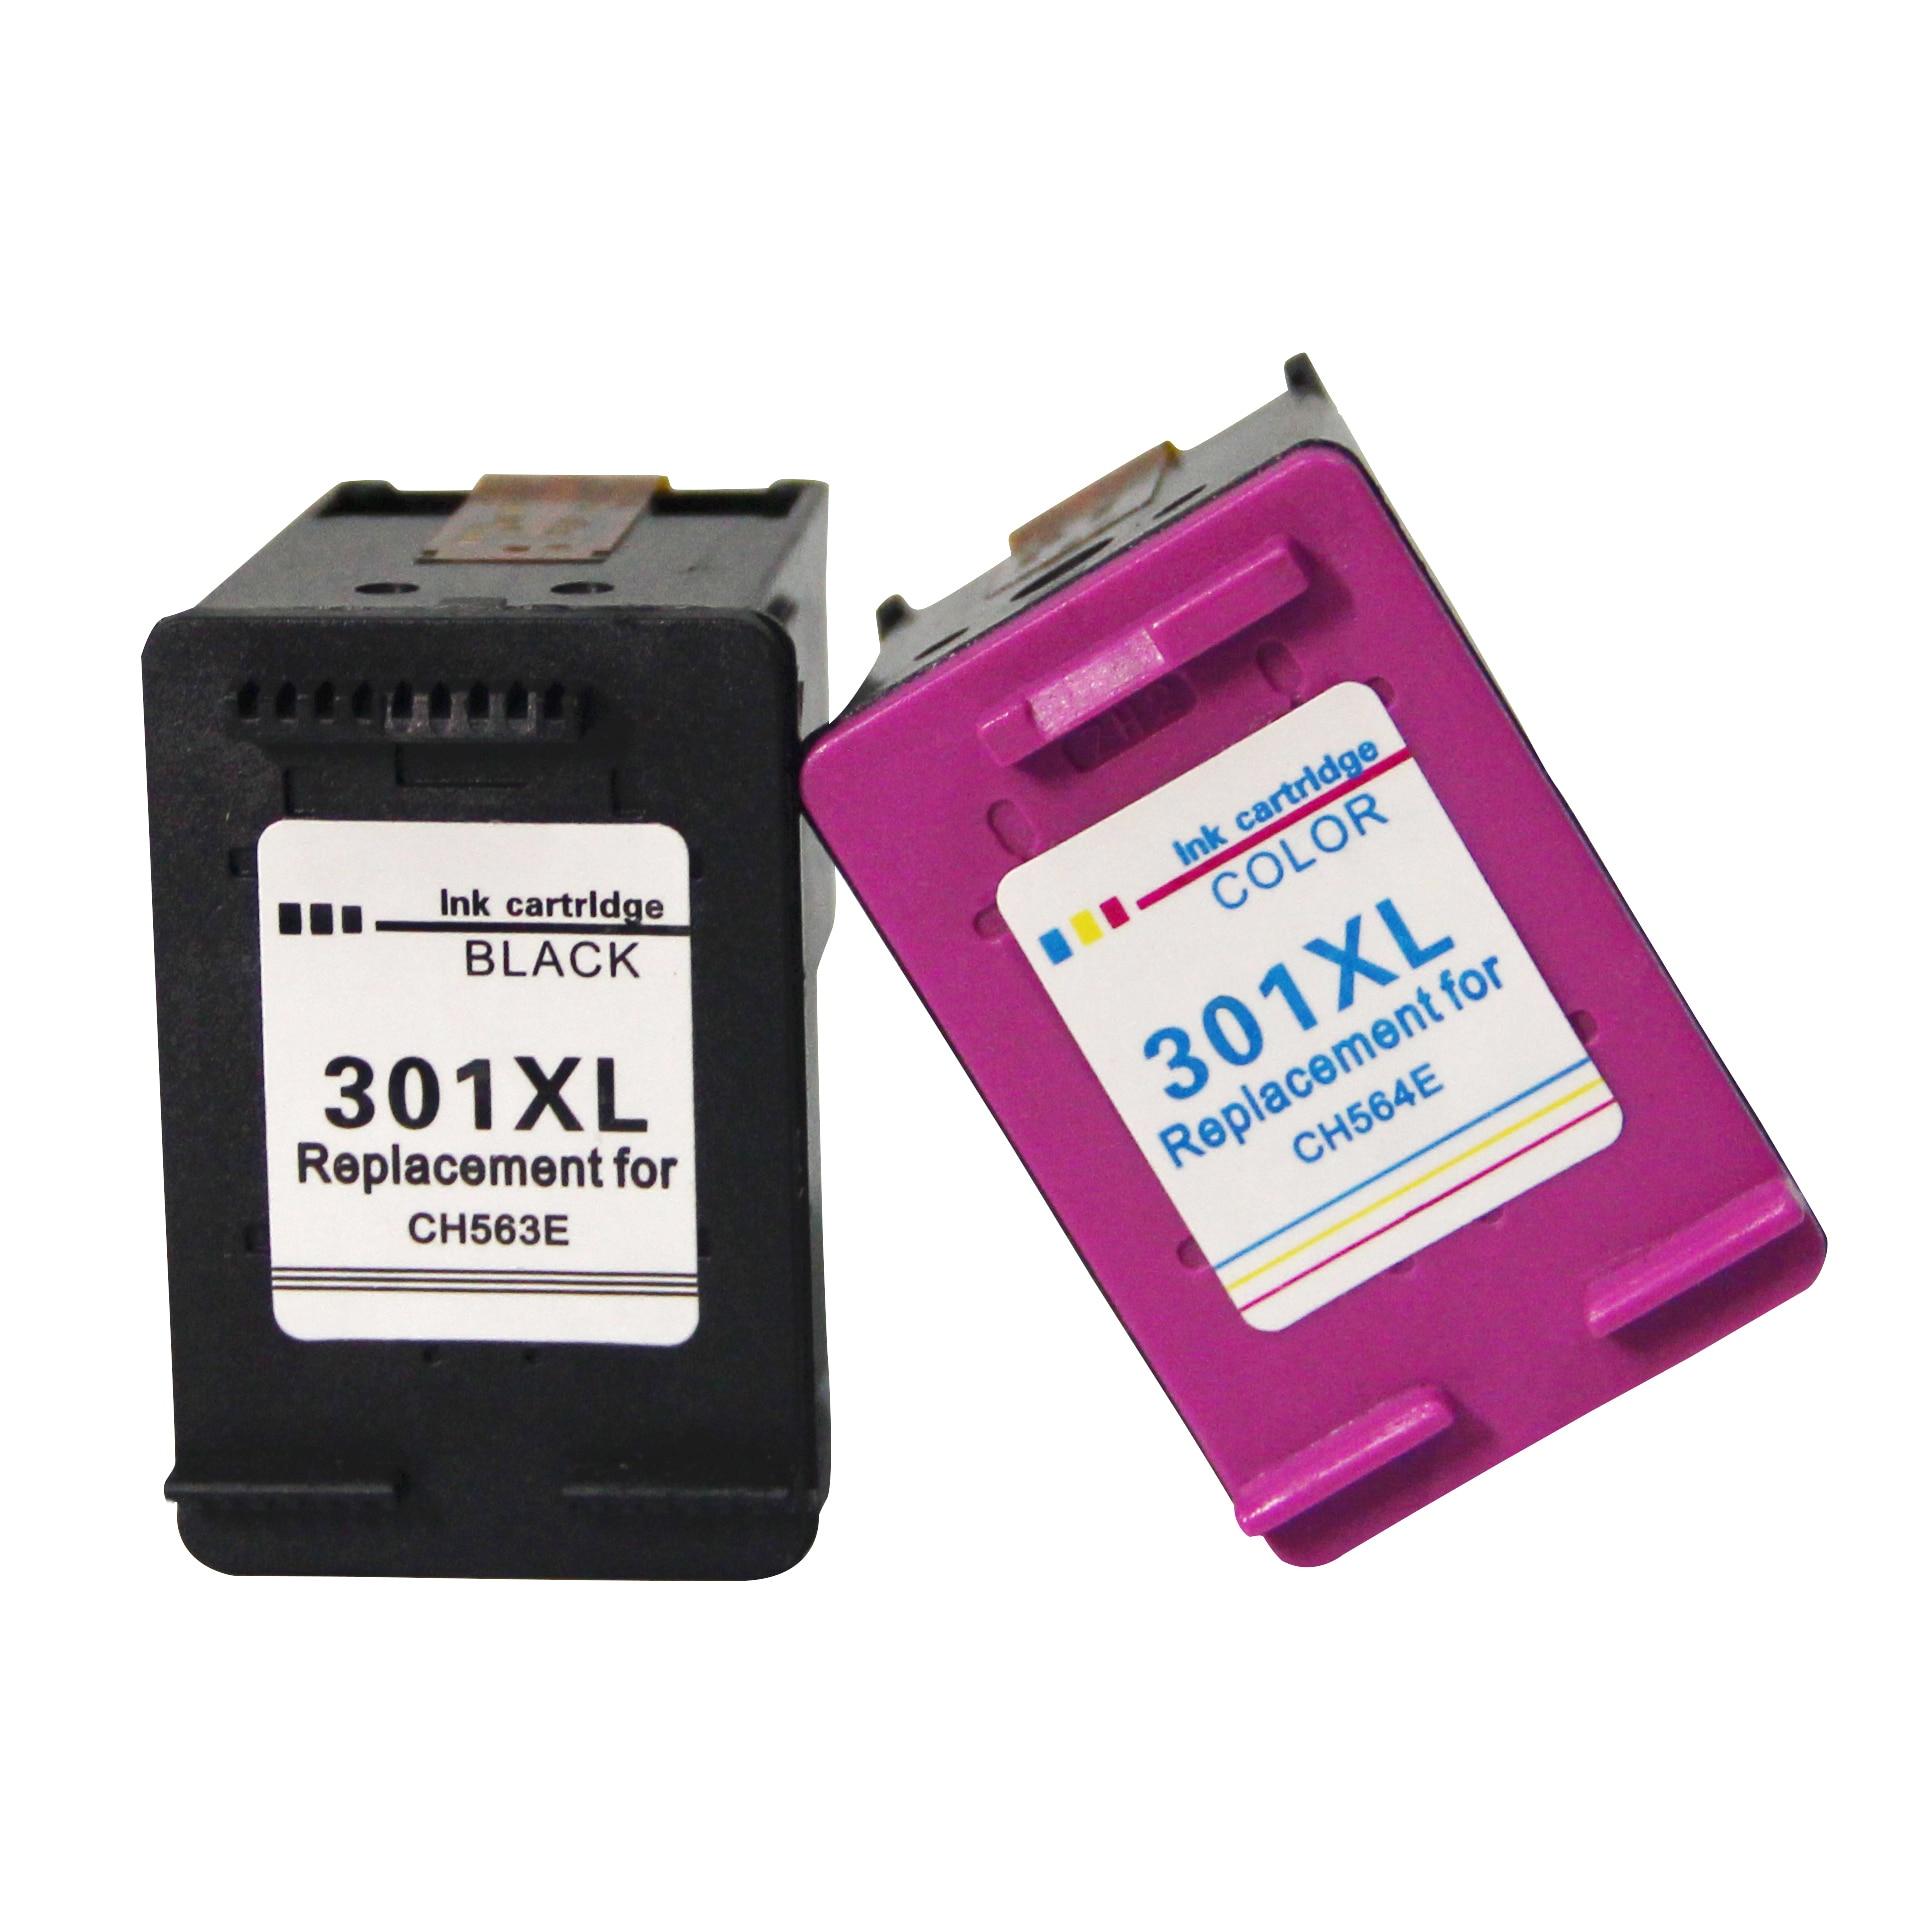 Remanufacturée 301XL Cartouches D'encre pour HP 301 pour HP Deskjet 1000 1050 2000 2050 2050S 2510 3510 3050 3050a imprimantes